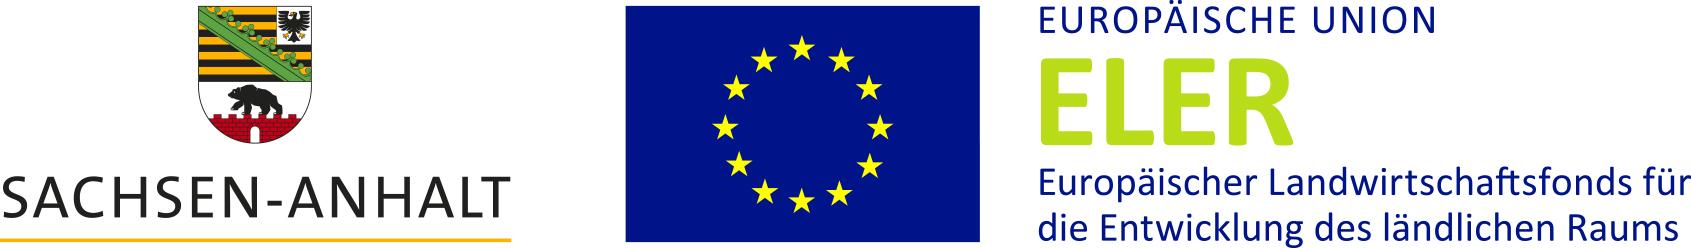 https://europa.sachsen-anhalt.de/fileadmin/Bibliothek/Politik_und_Verwaltung/StK/Europa/Bibliothek_EU-Fonds/ESI-Fonds_2014-2020/Gestaltungsrichtlinien_ESI-Fonds/Vorlagen_ELER/ELER_rgb_print.jpg